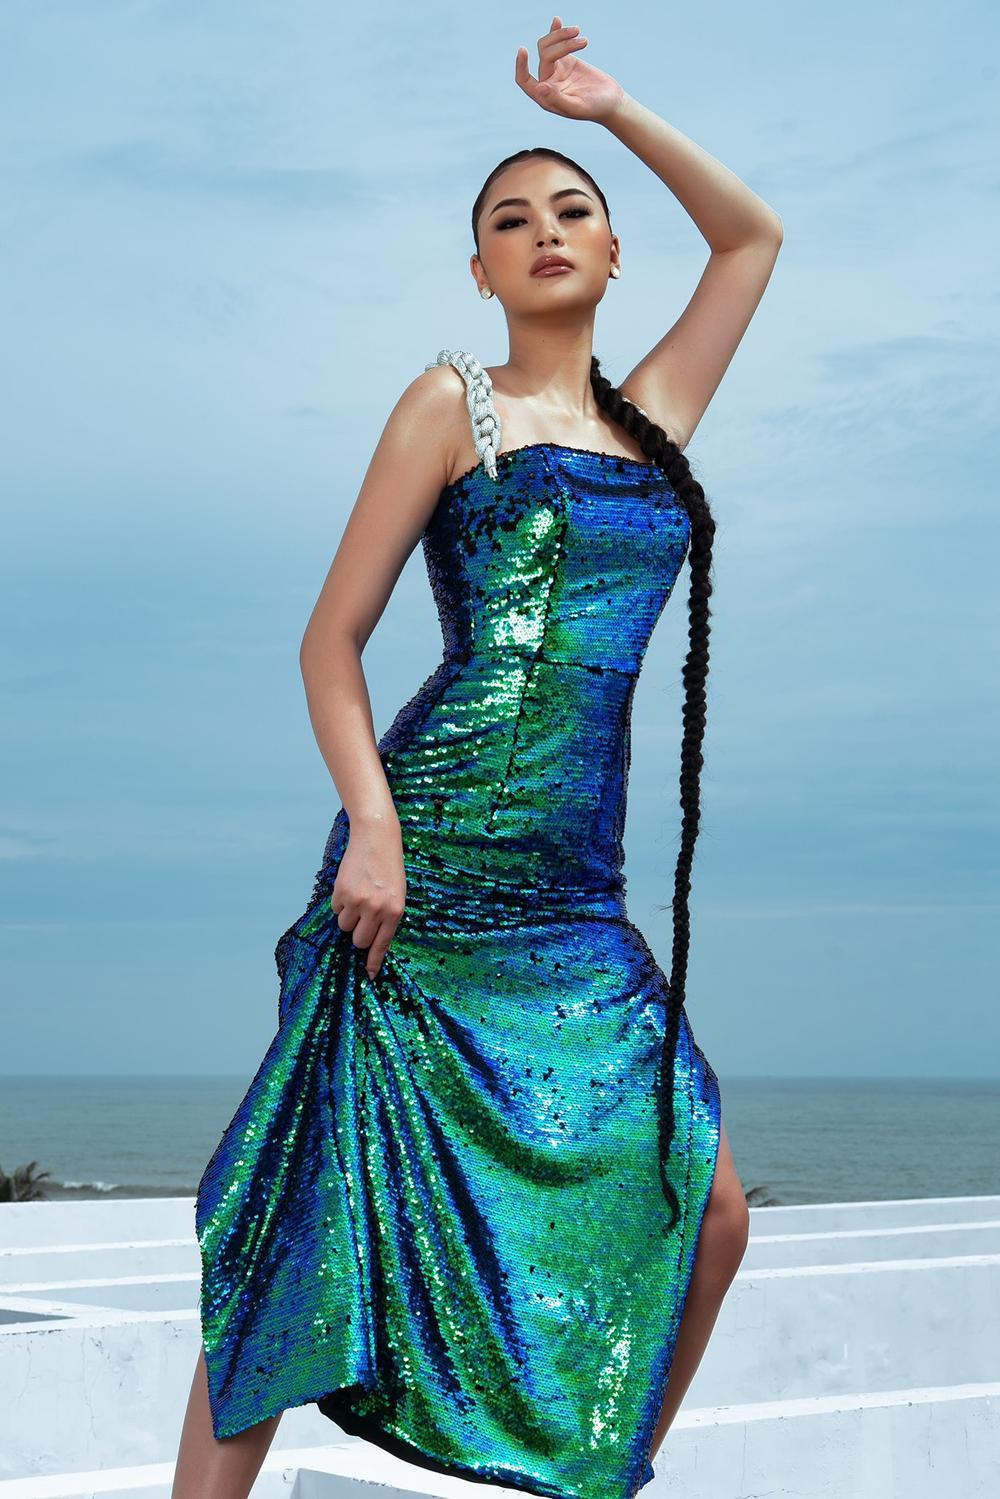 Rộ tin Miss Supranational tổ chức vào tháng 8: Đào Hà hay Lê Thu Trang sẽ là đại diện Việt Nam? Ảnh 9